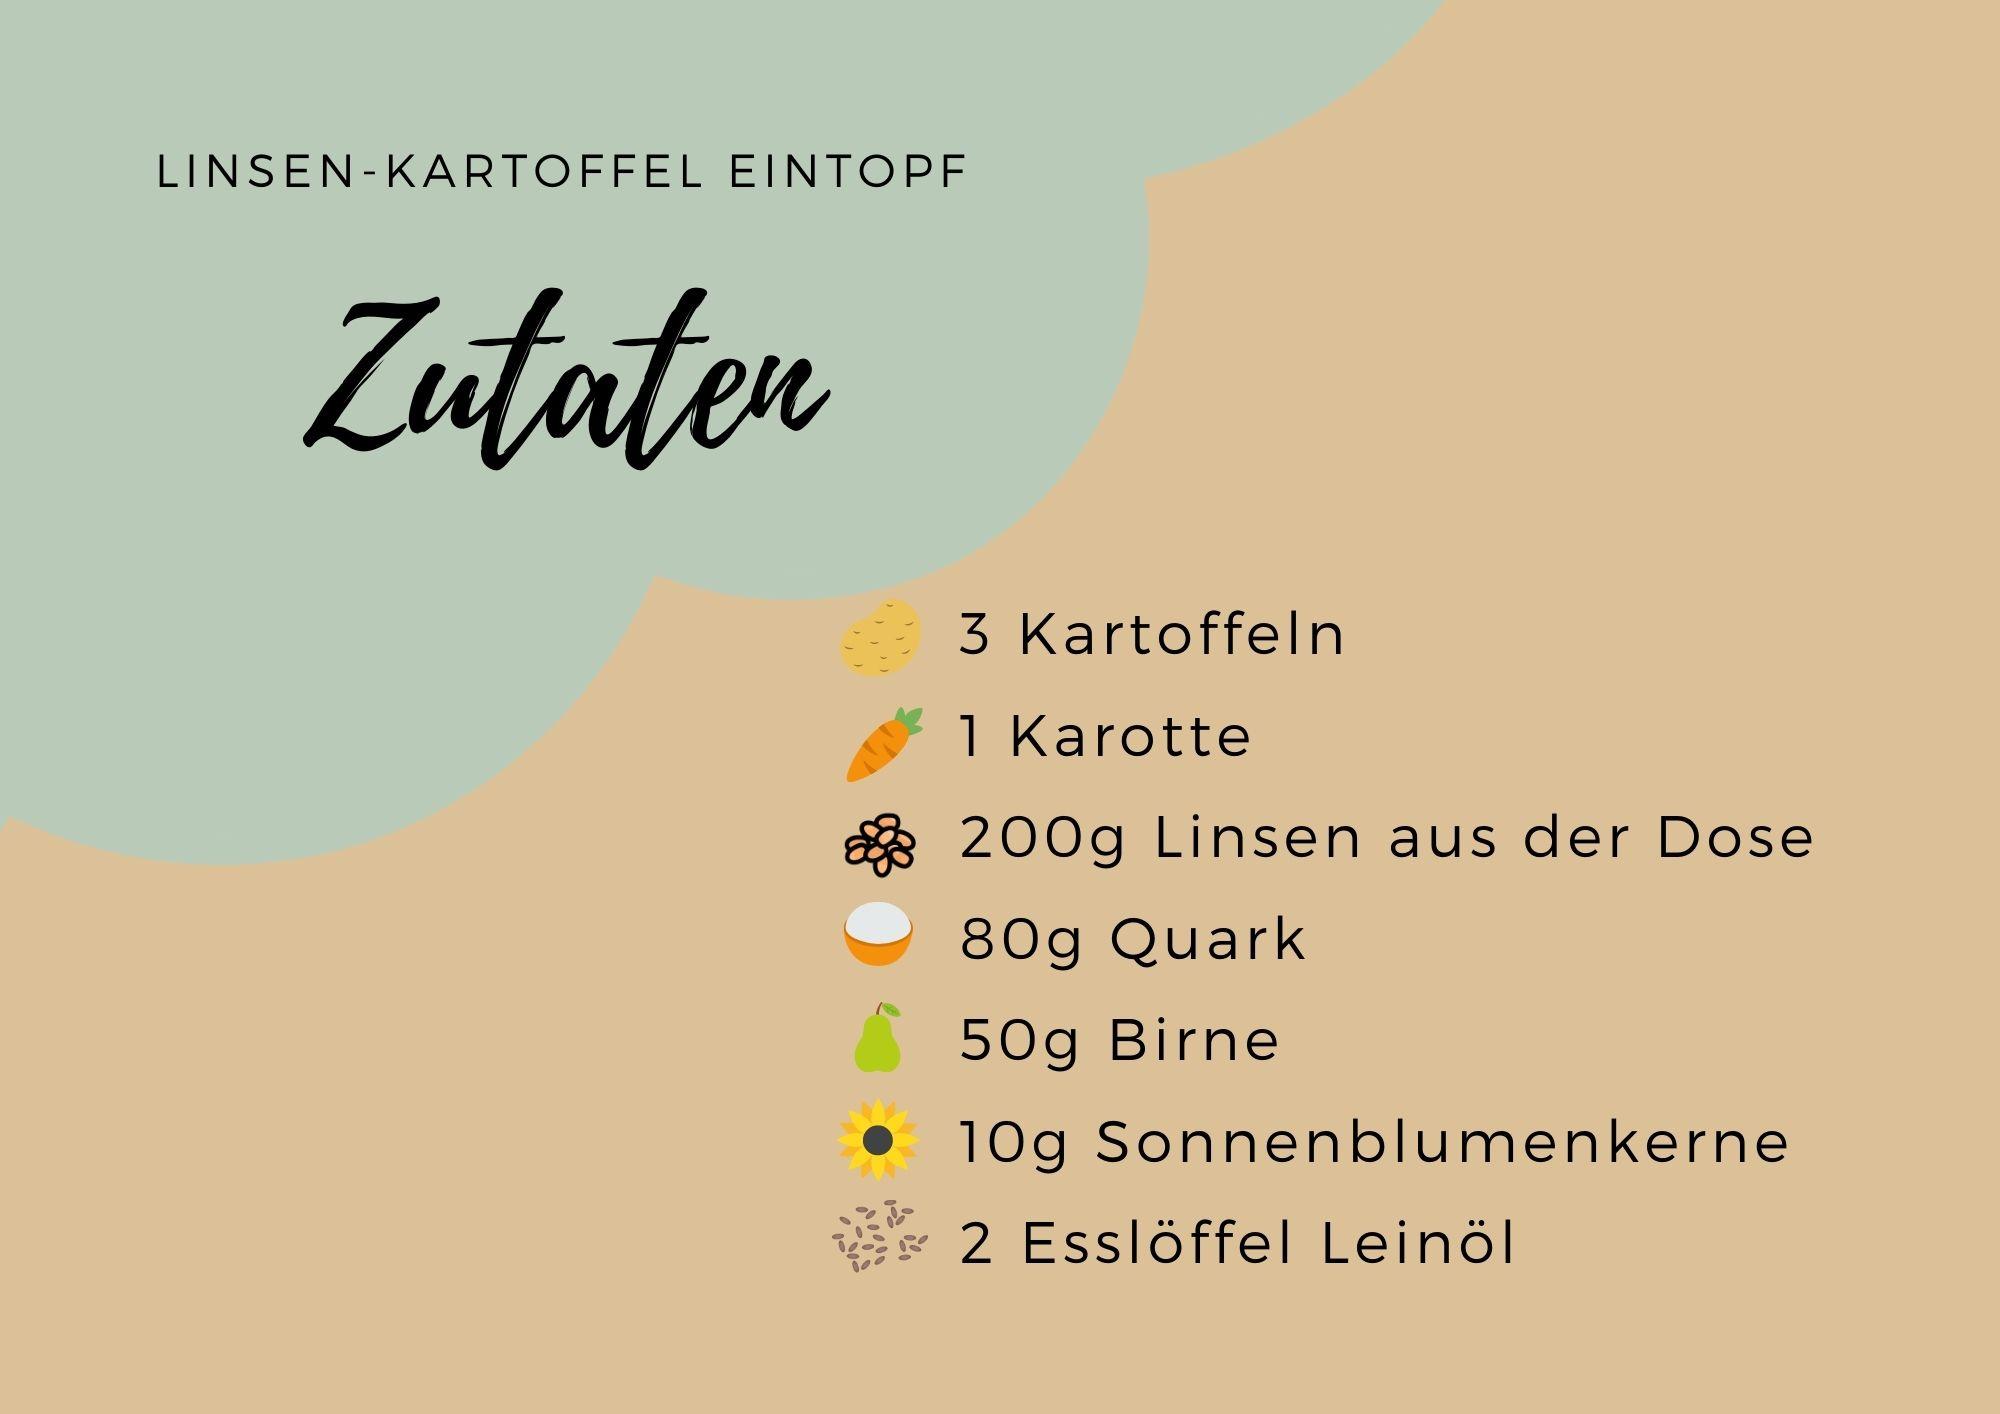 Linsen-Kartoffel Eintopf!